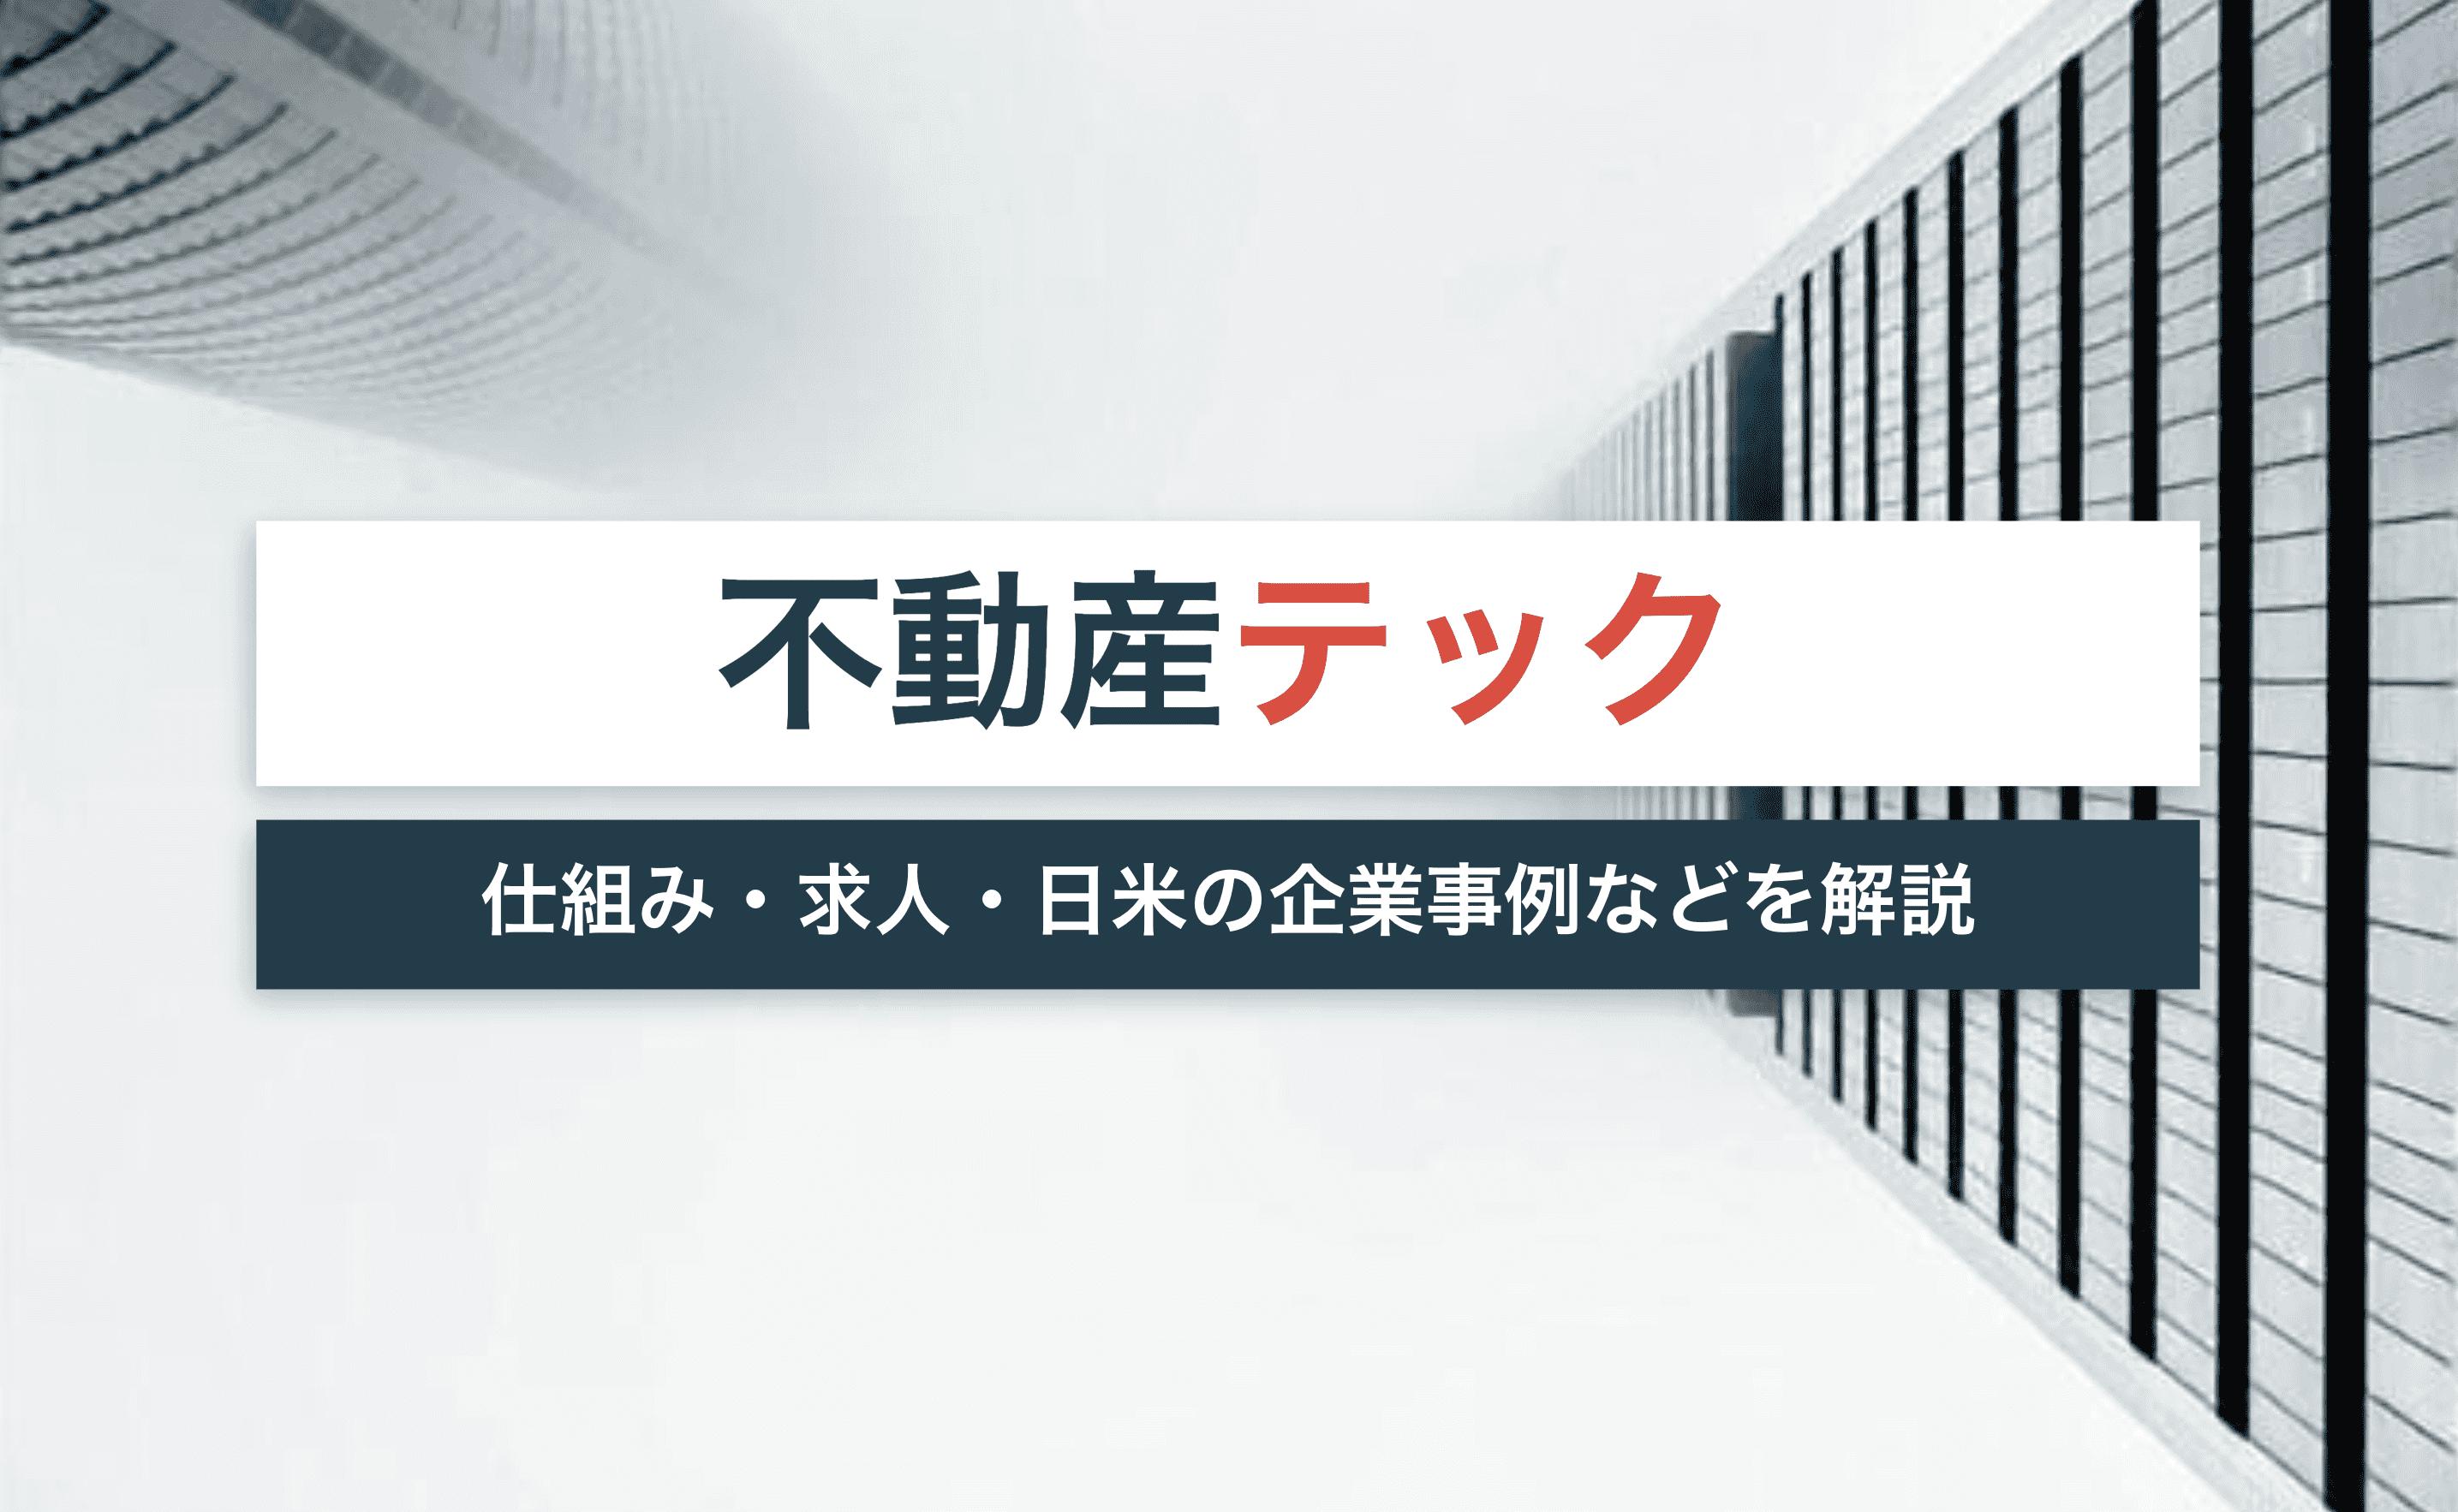 不動産テックとは?仕組み・求人・日本アメリカ企業事例・学べる本も紹介!【カオスマップ付き】